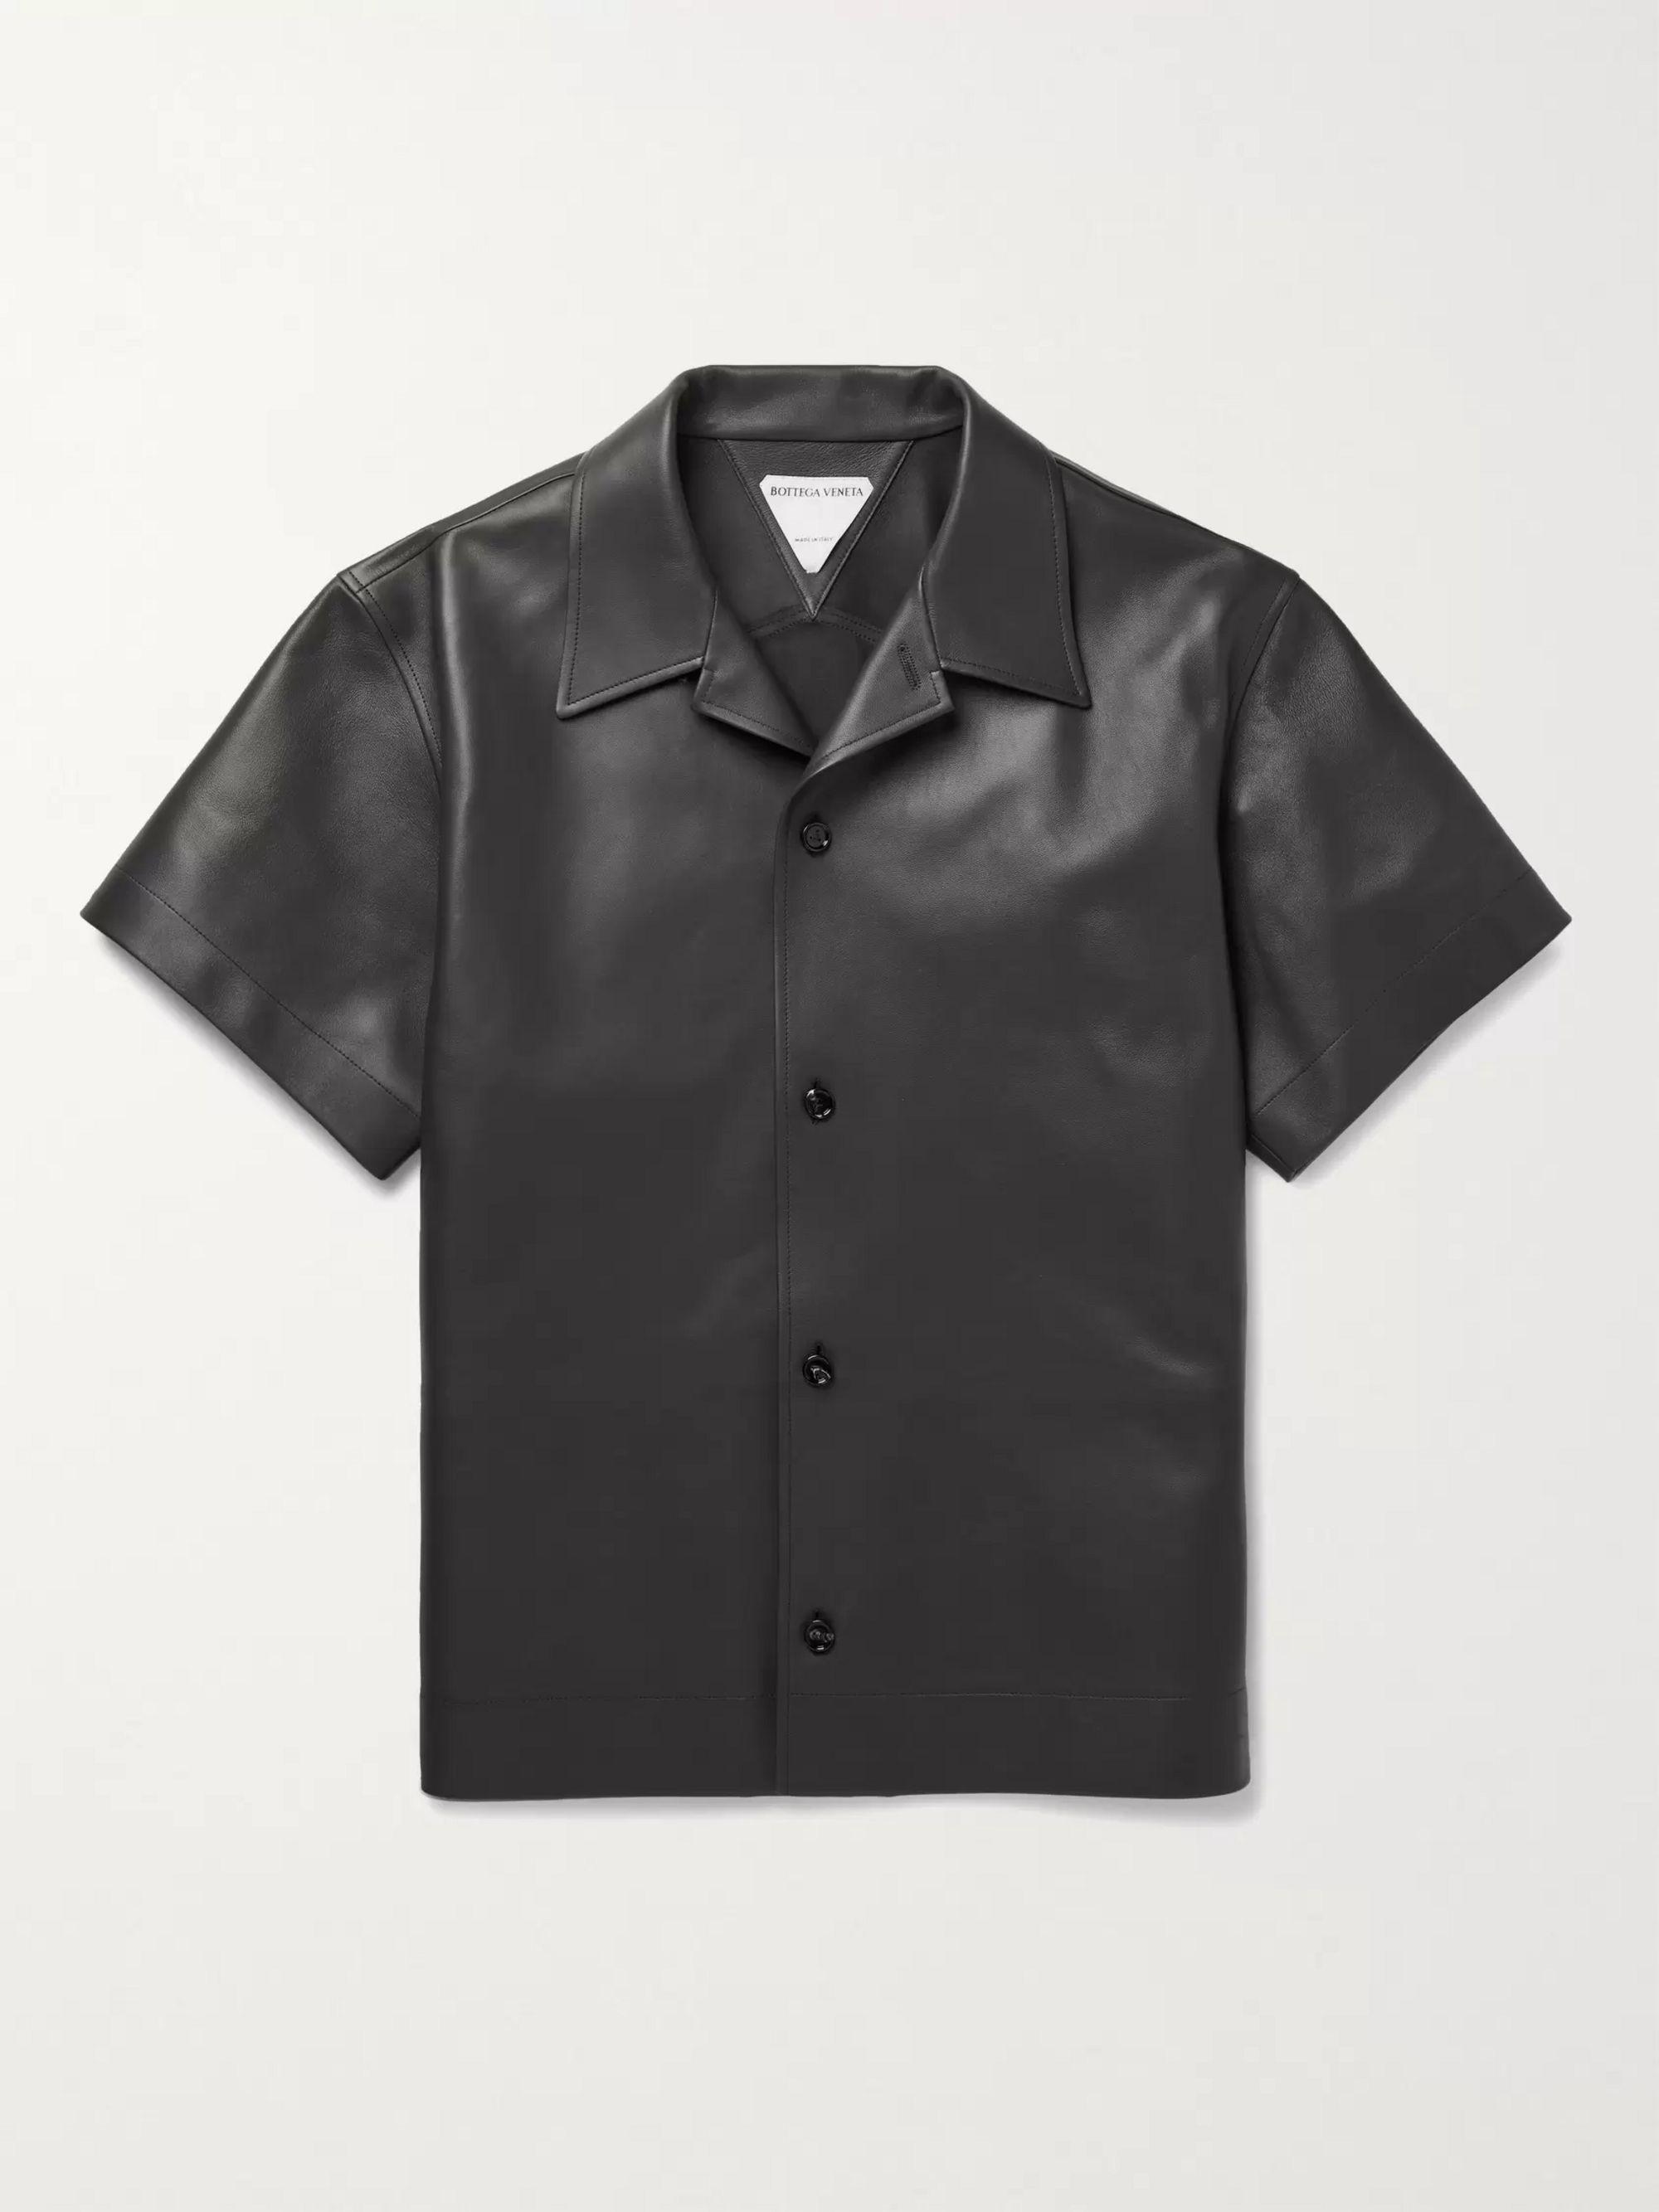 보테가 베네타 Bottega Veneta Convertible-Collar Leather Shirt,Brown